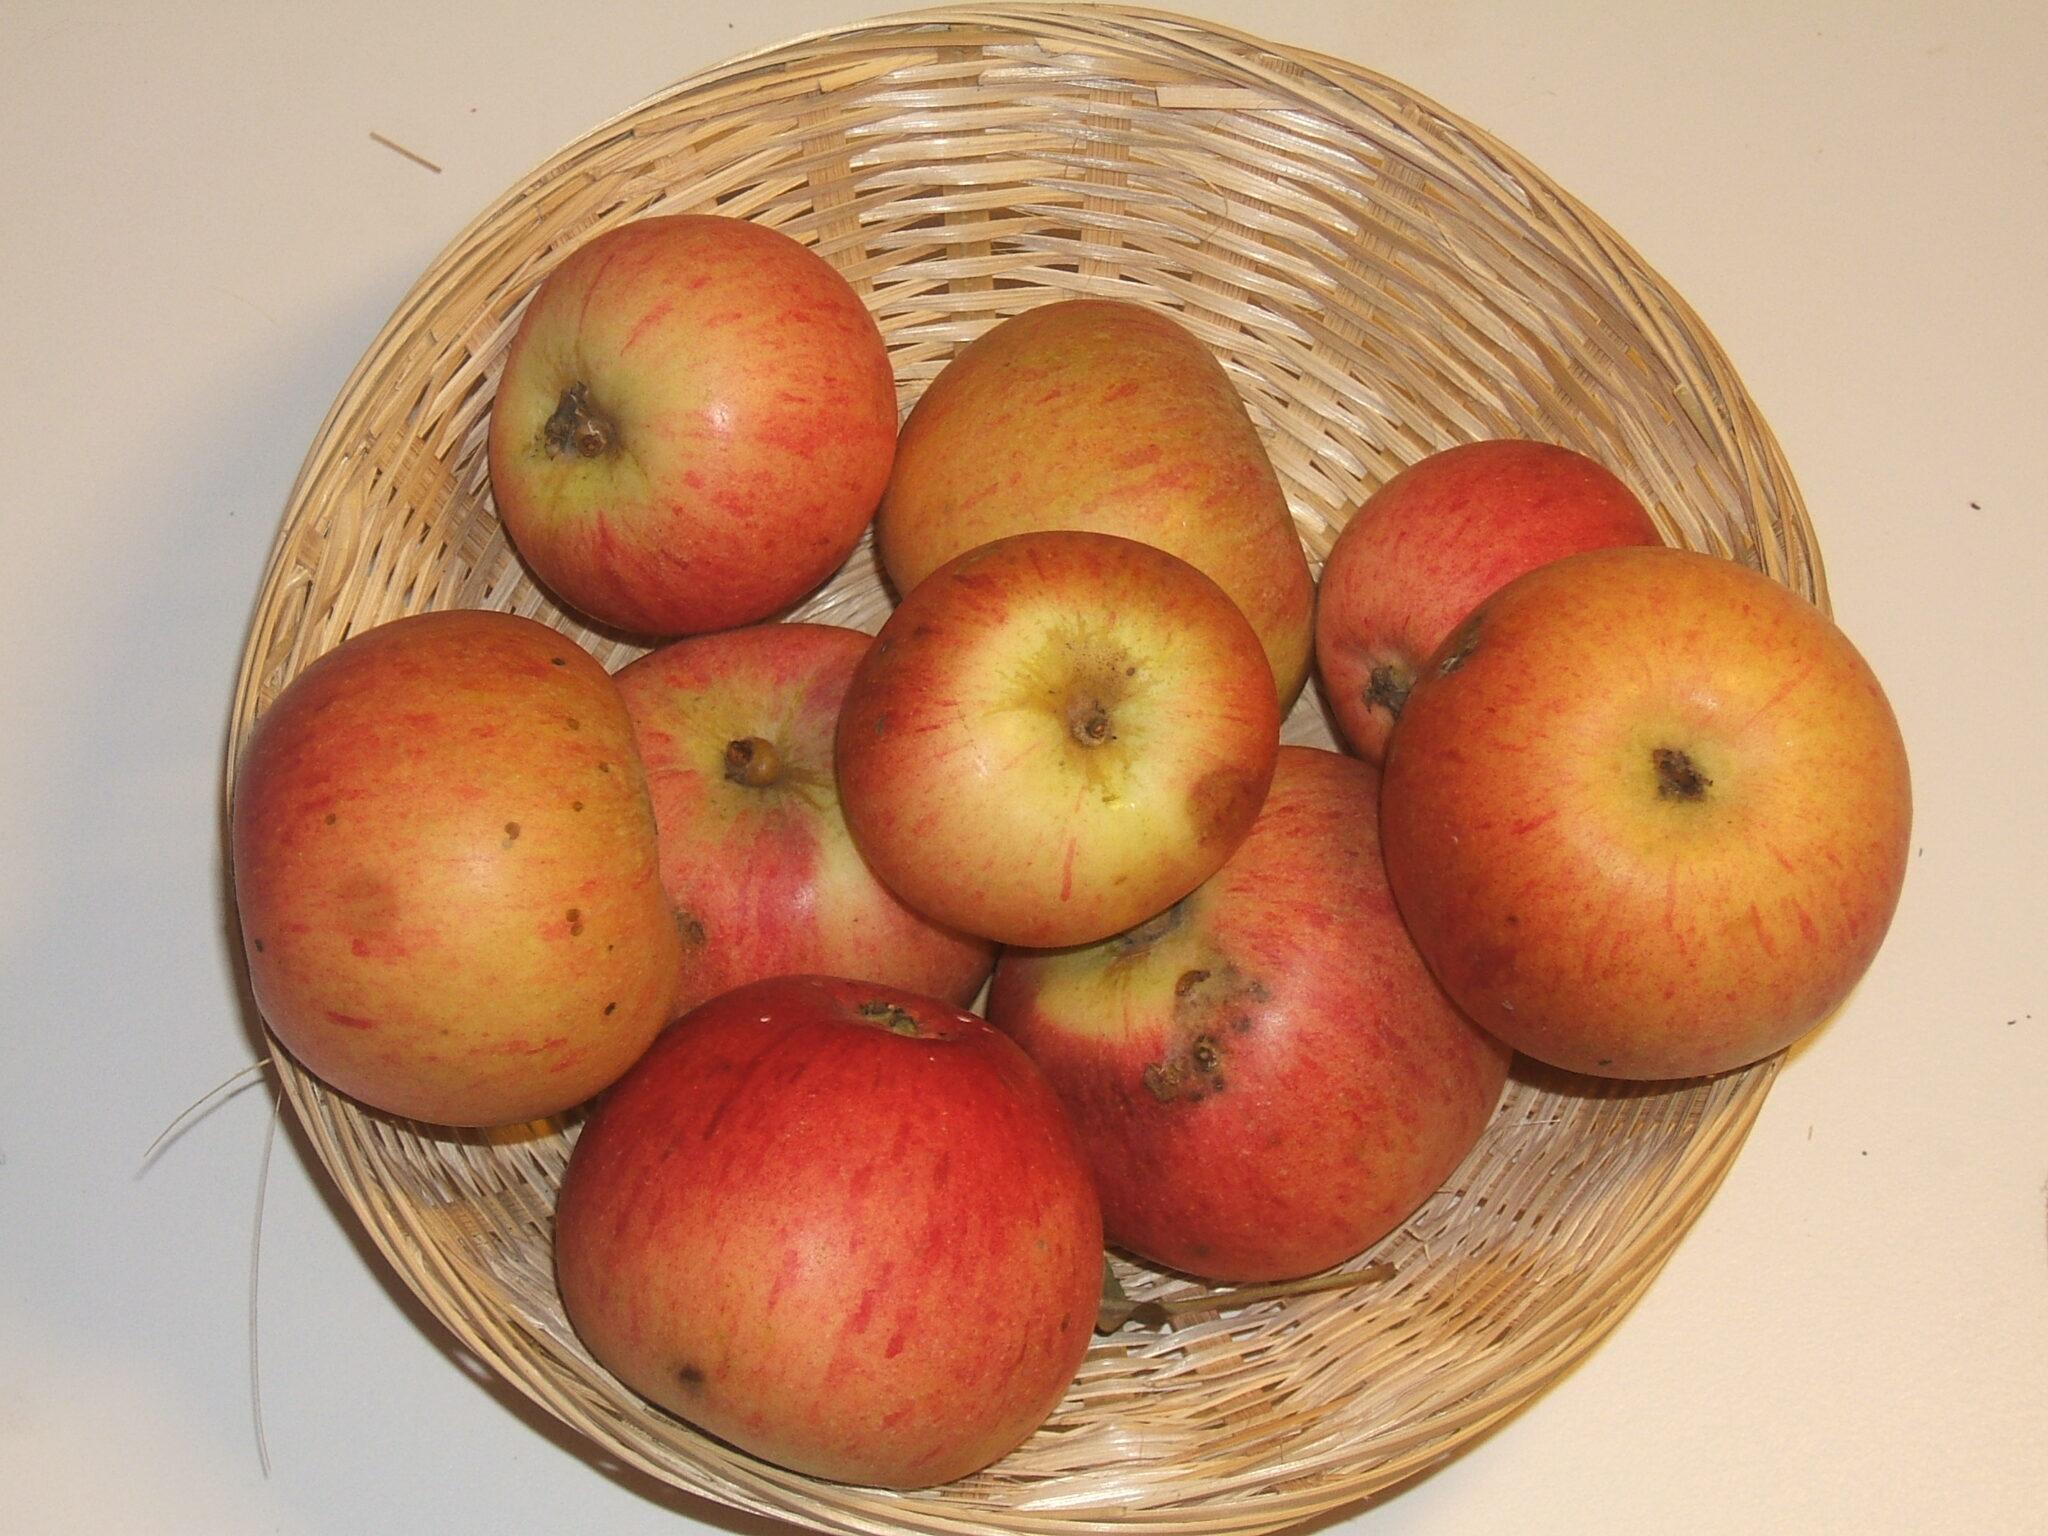 Egyptiae (fruit).